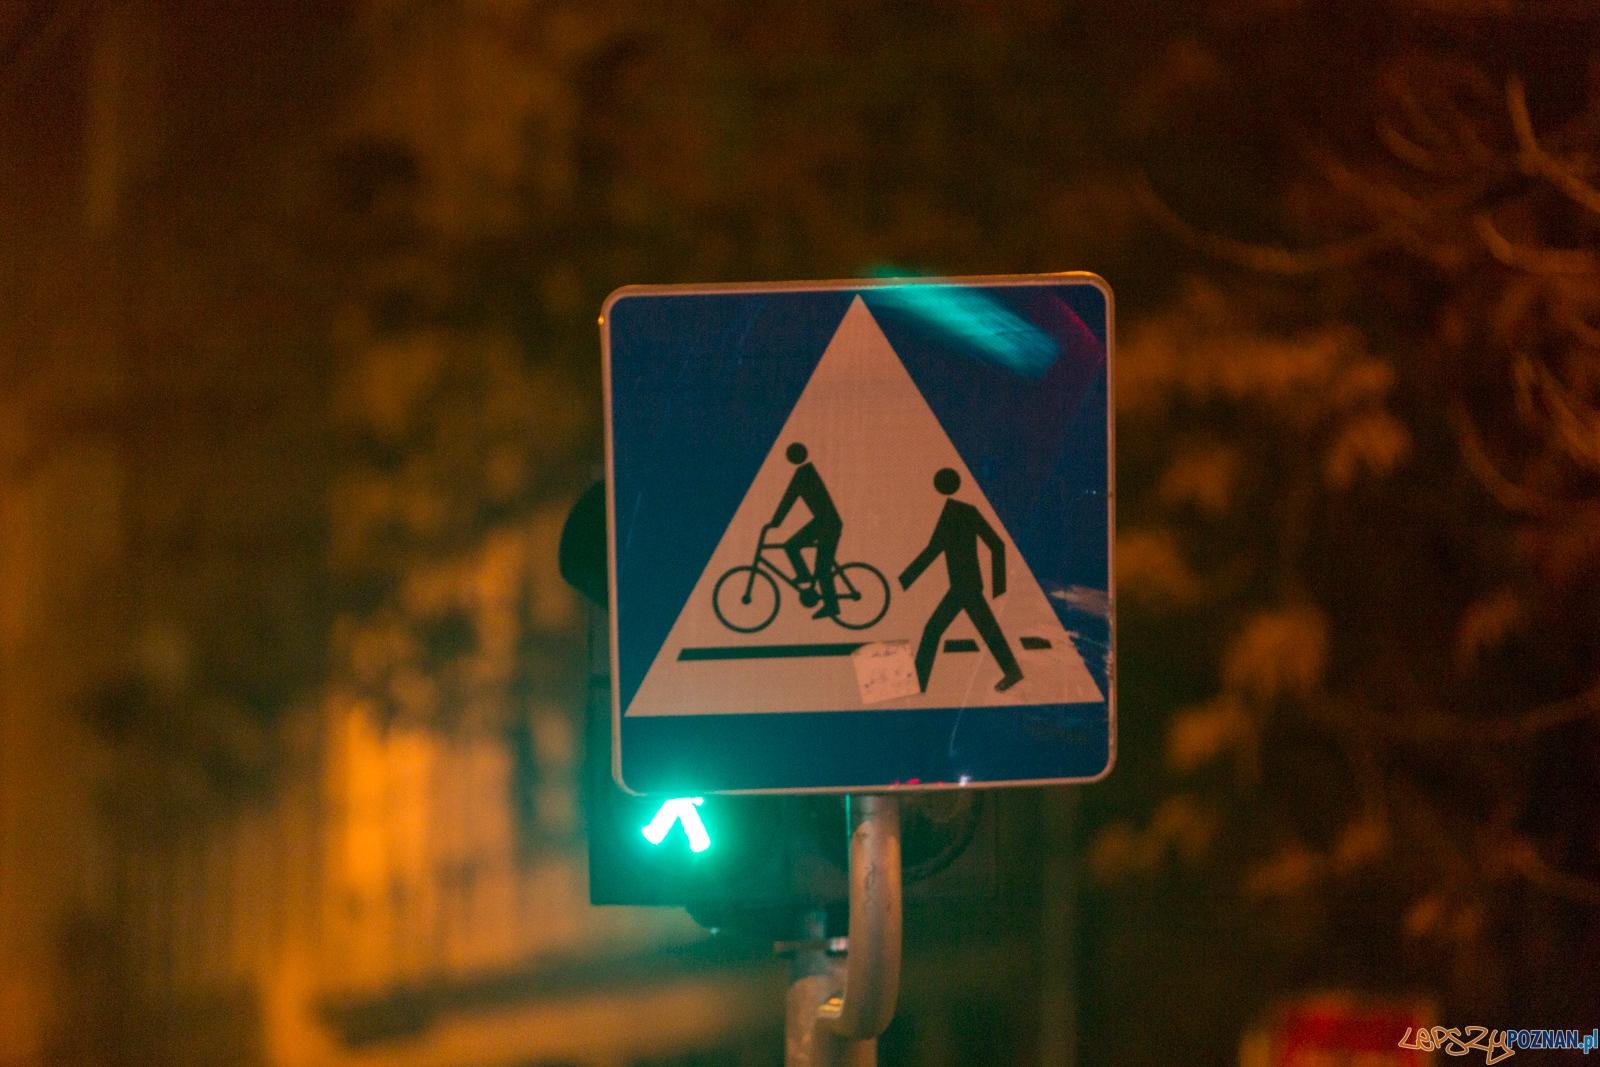 Dziwne światła na Zielonej  Foto: lepszyPOZNAN.pl / Piotr Rychter